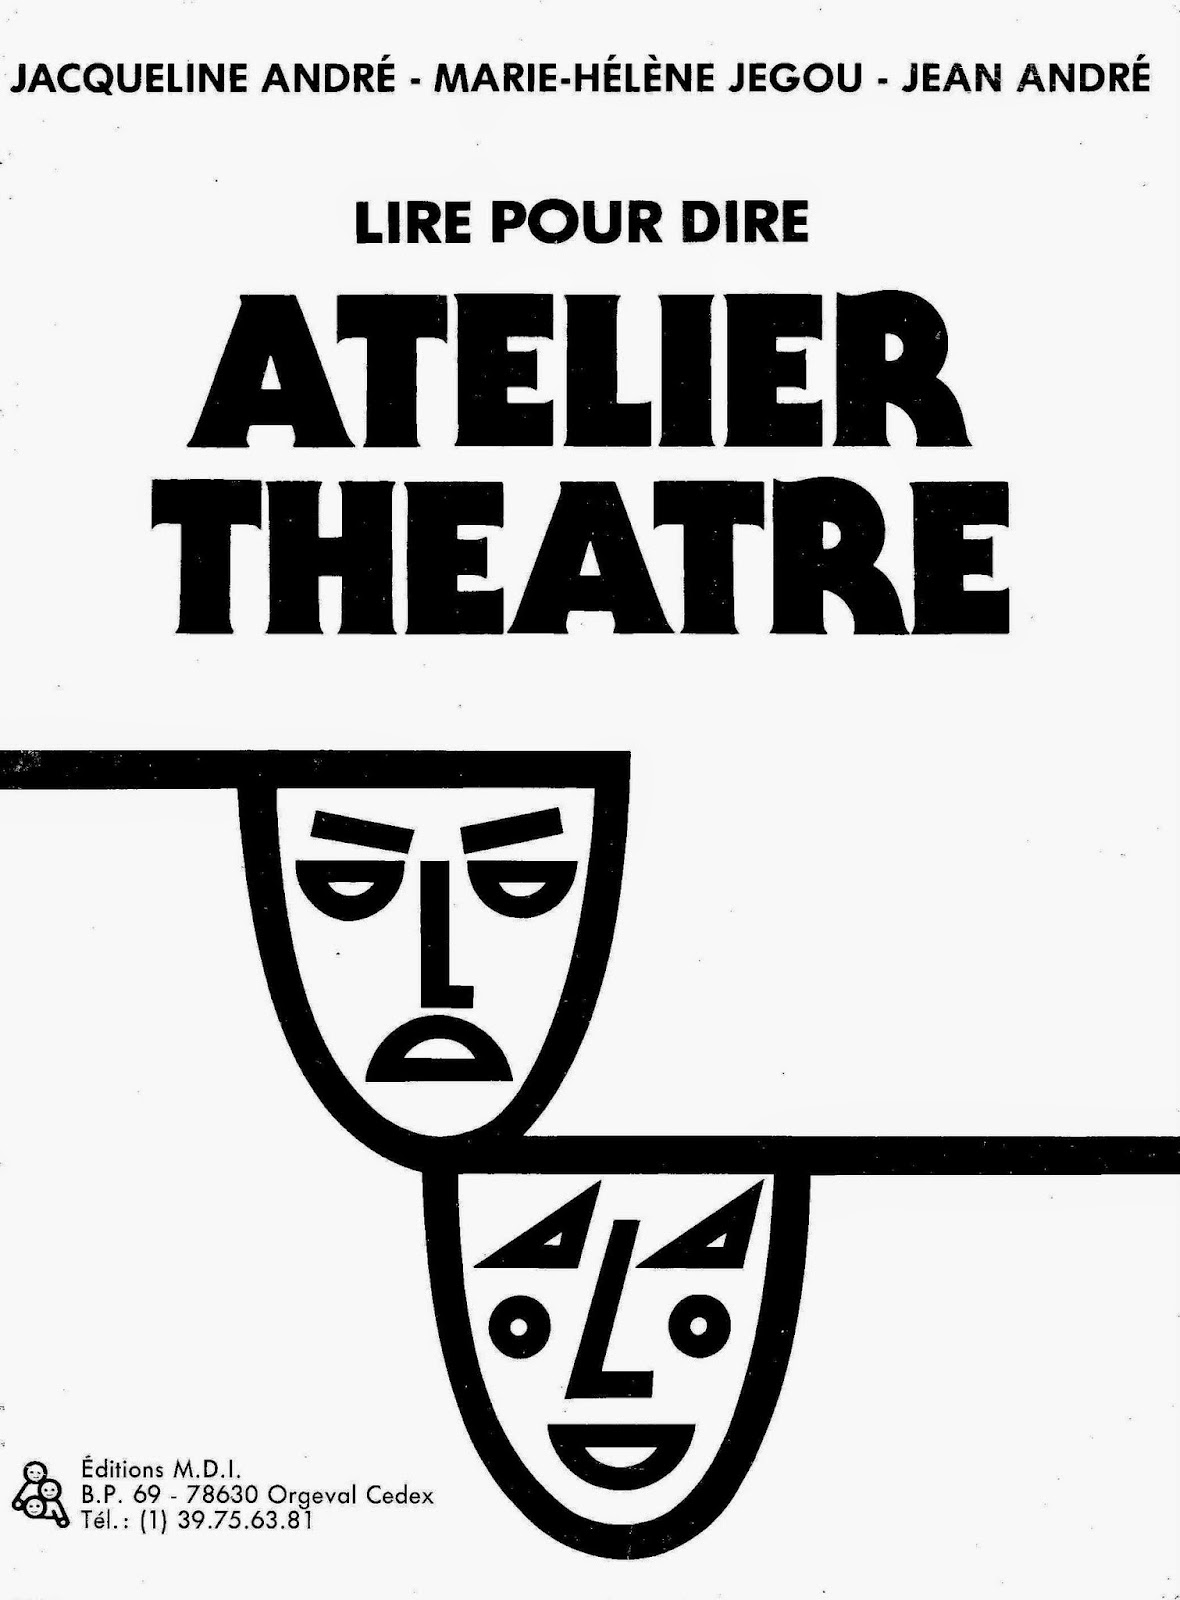 Atelier théâtre (lire pour dire), 1985